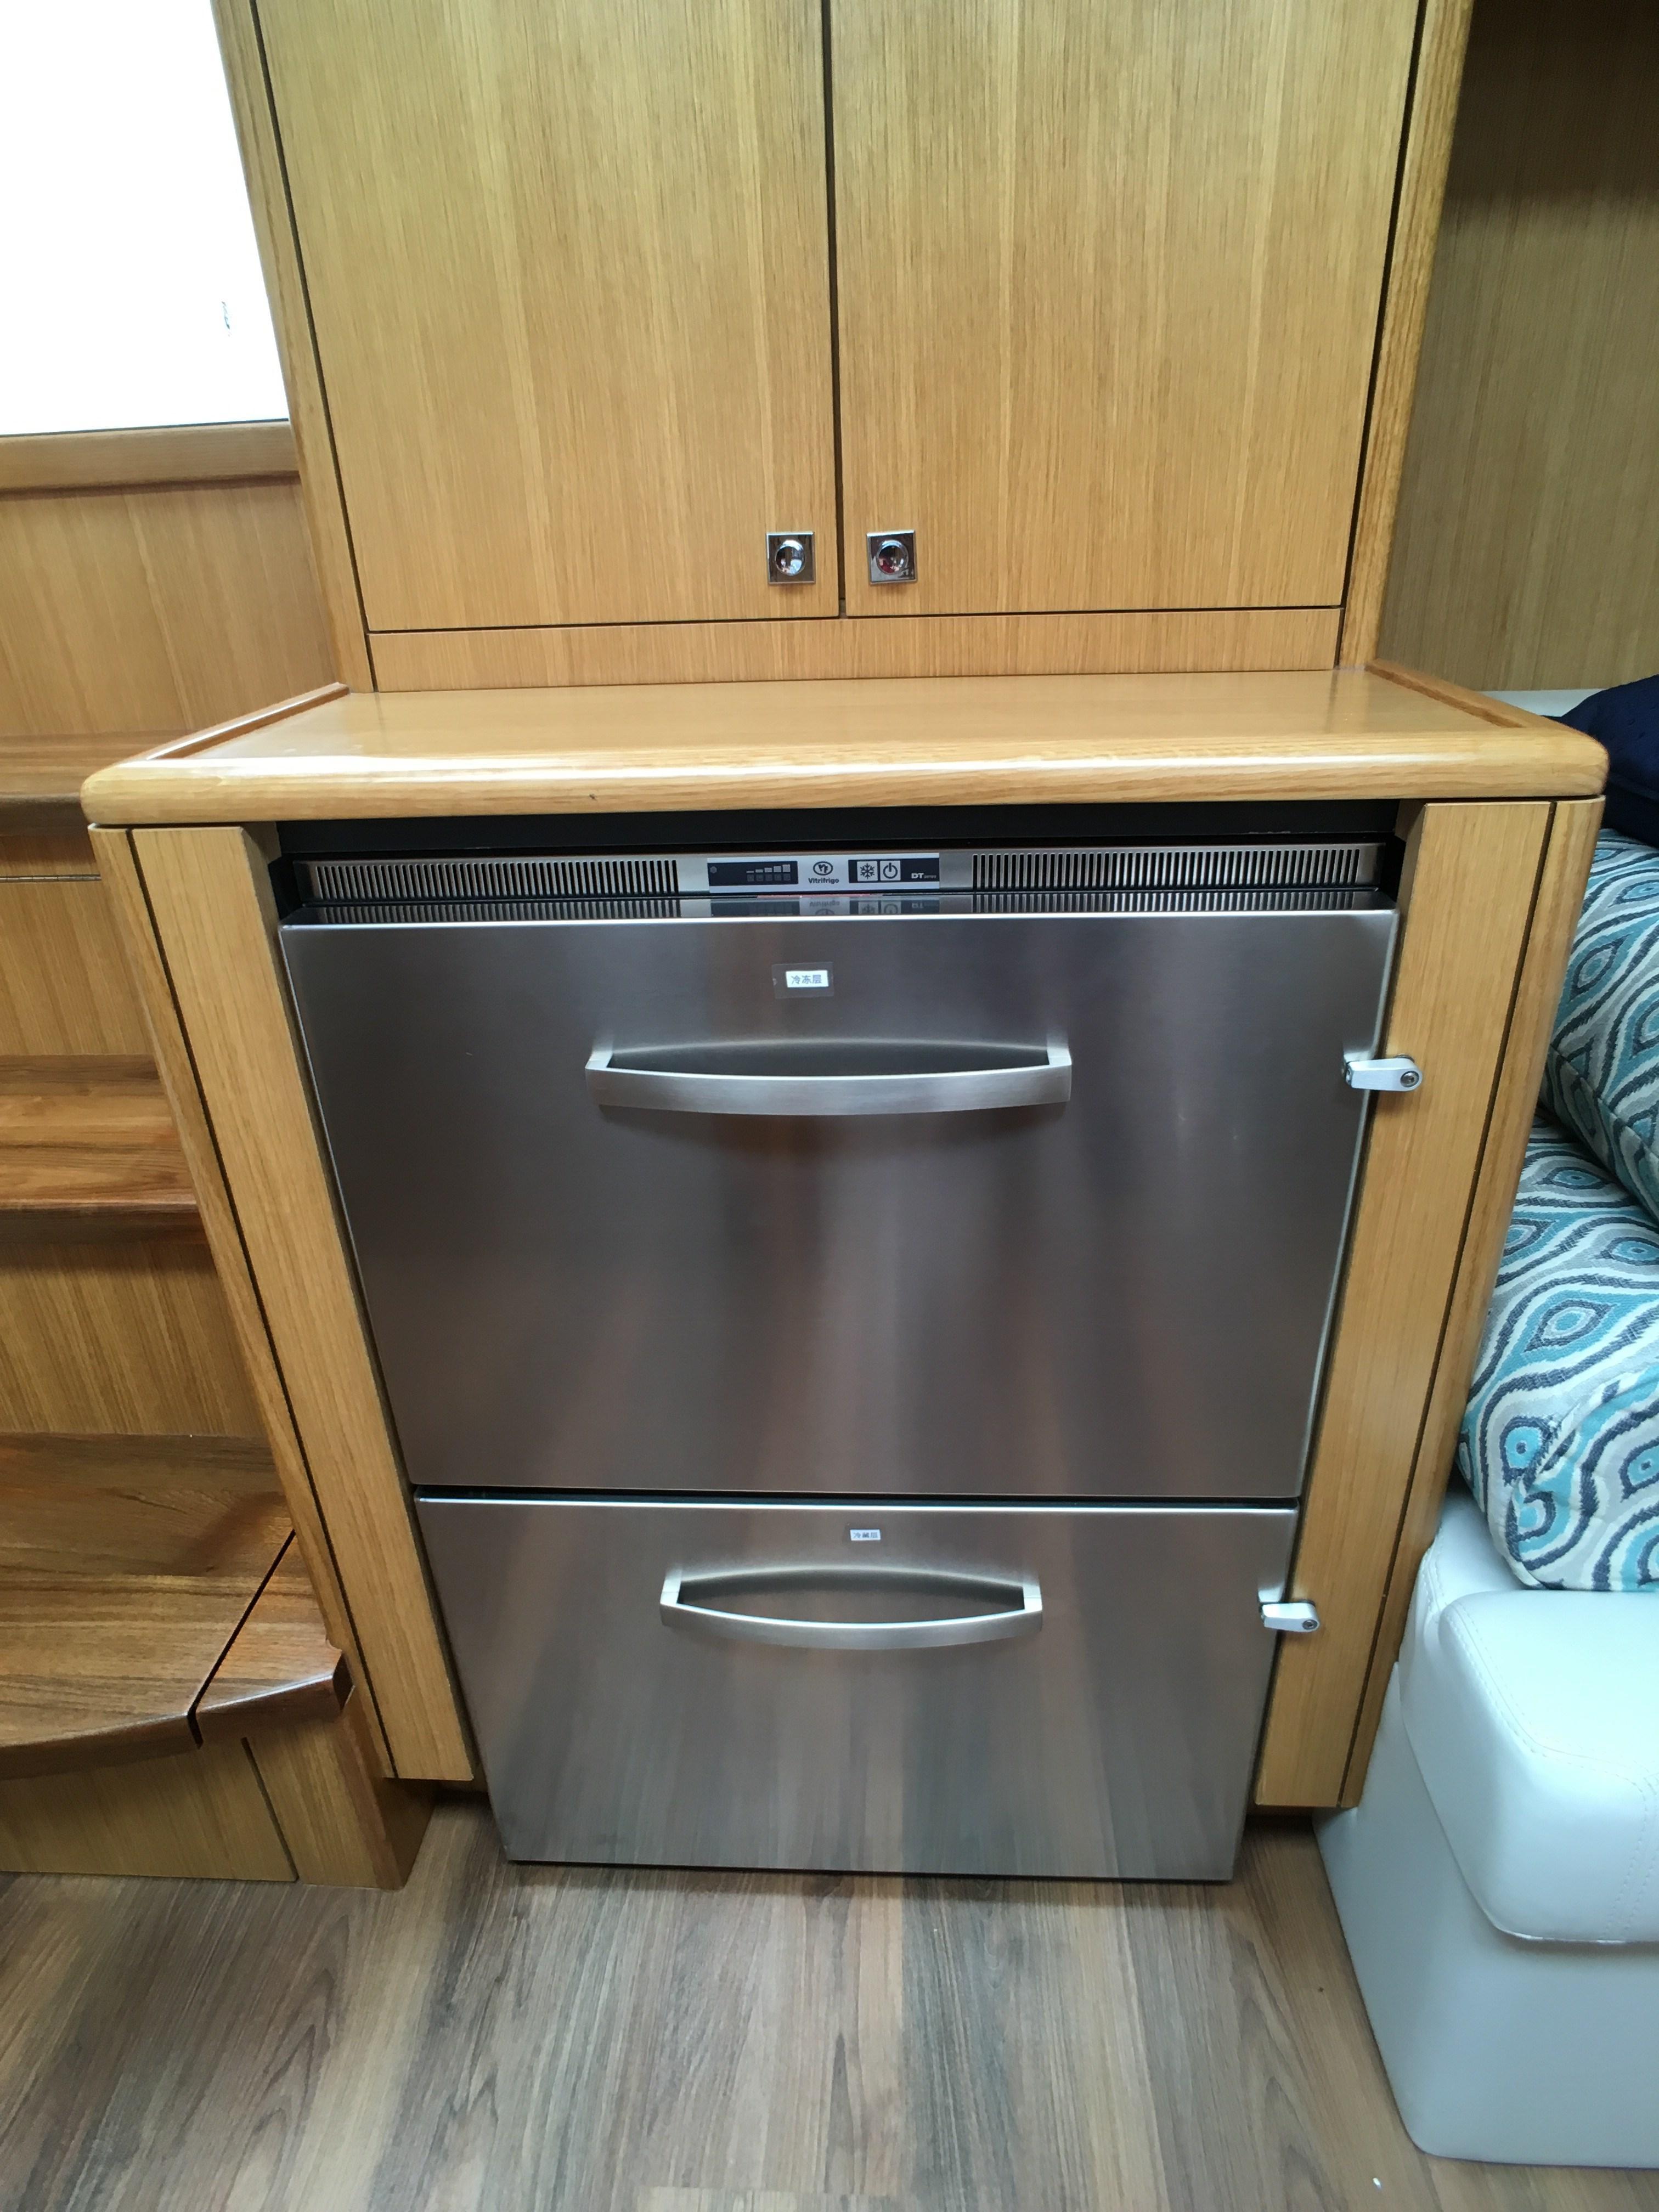 Hatteras 45 Refrigerator